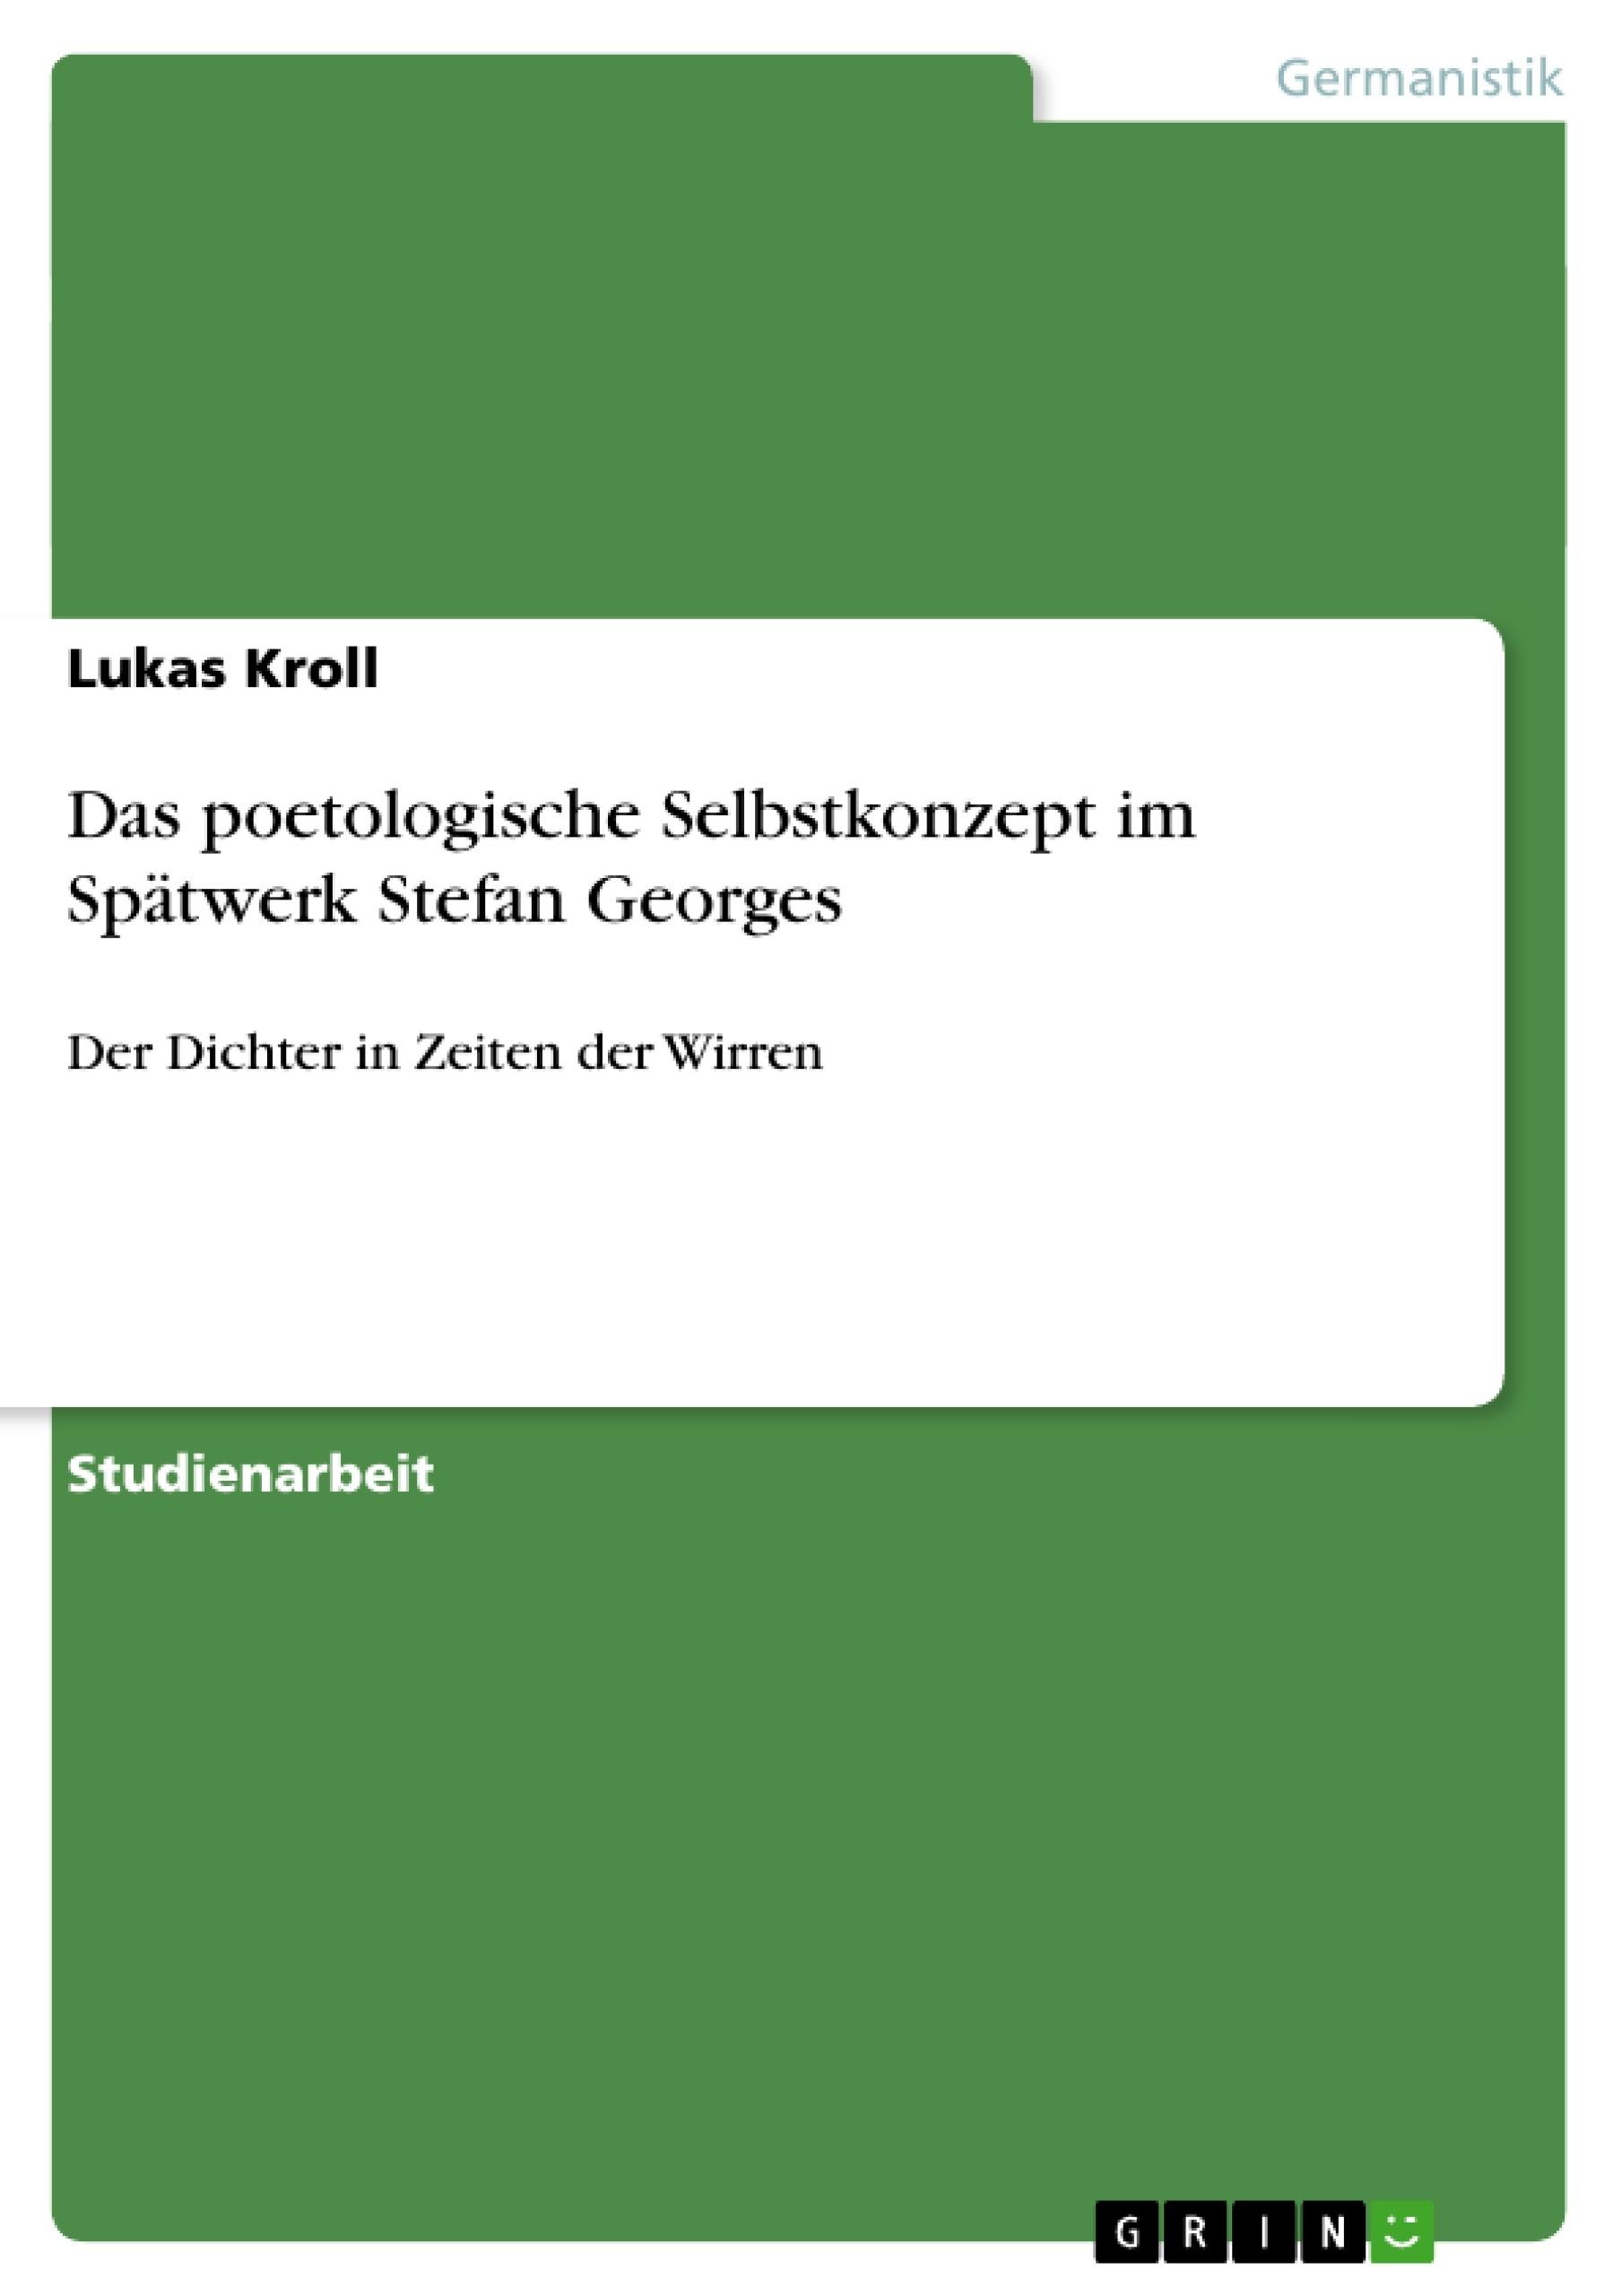 Titel: Das poetologische Selbstkonzept im Spätwerk Stefan Georges